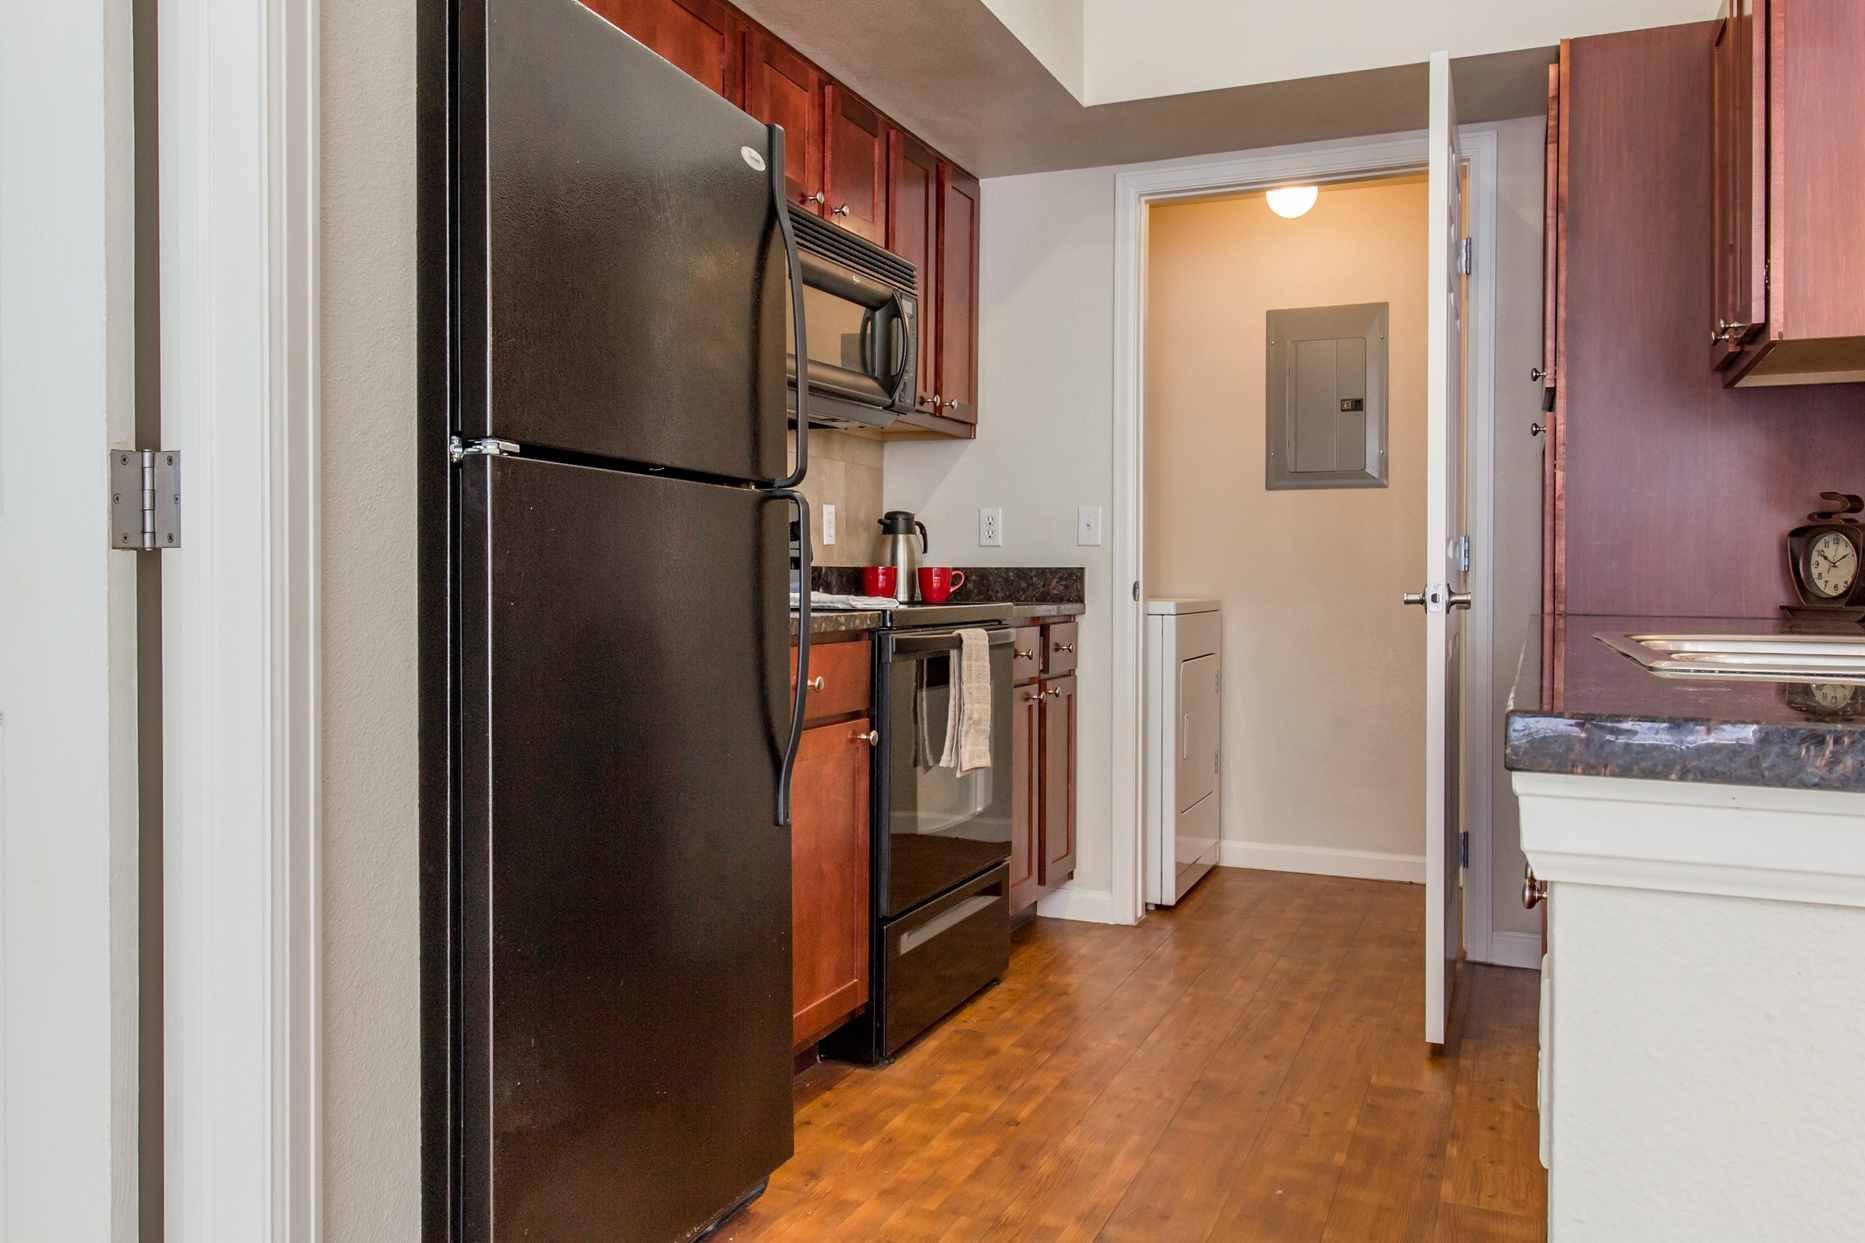 Colorado Pointe Apartments